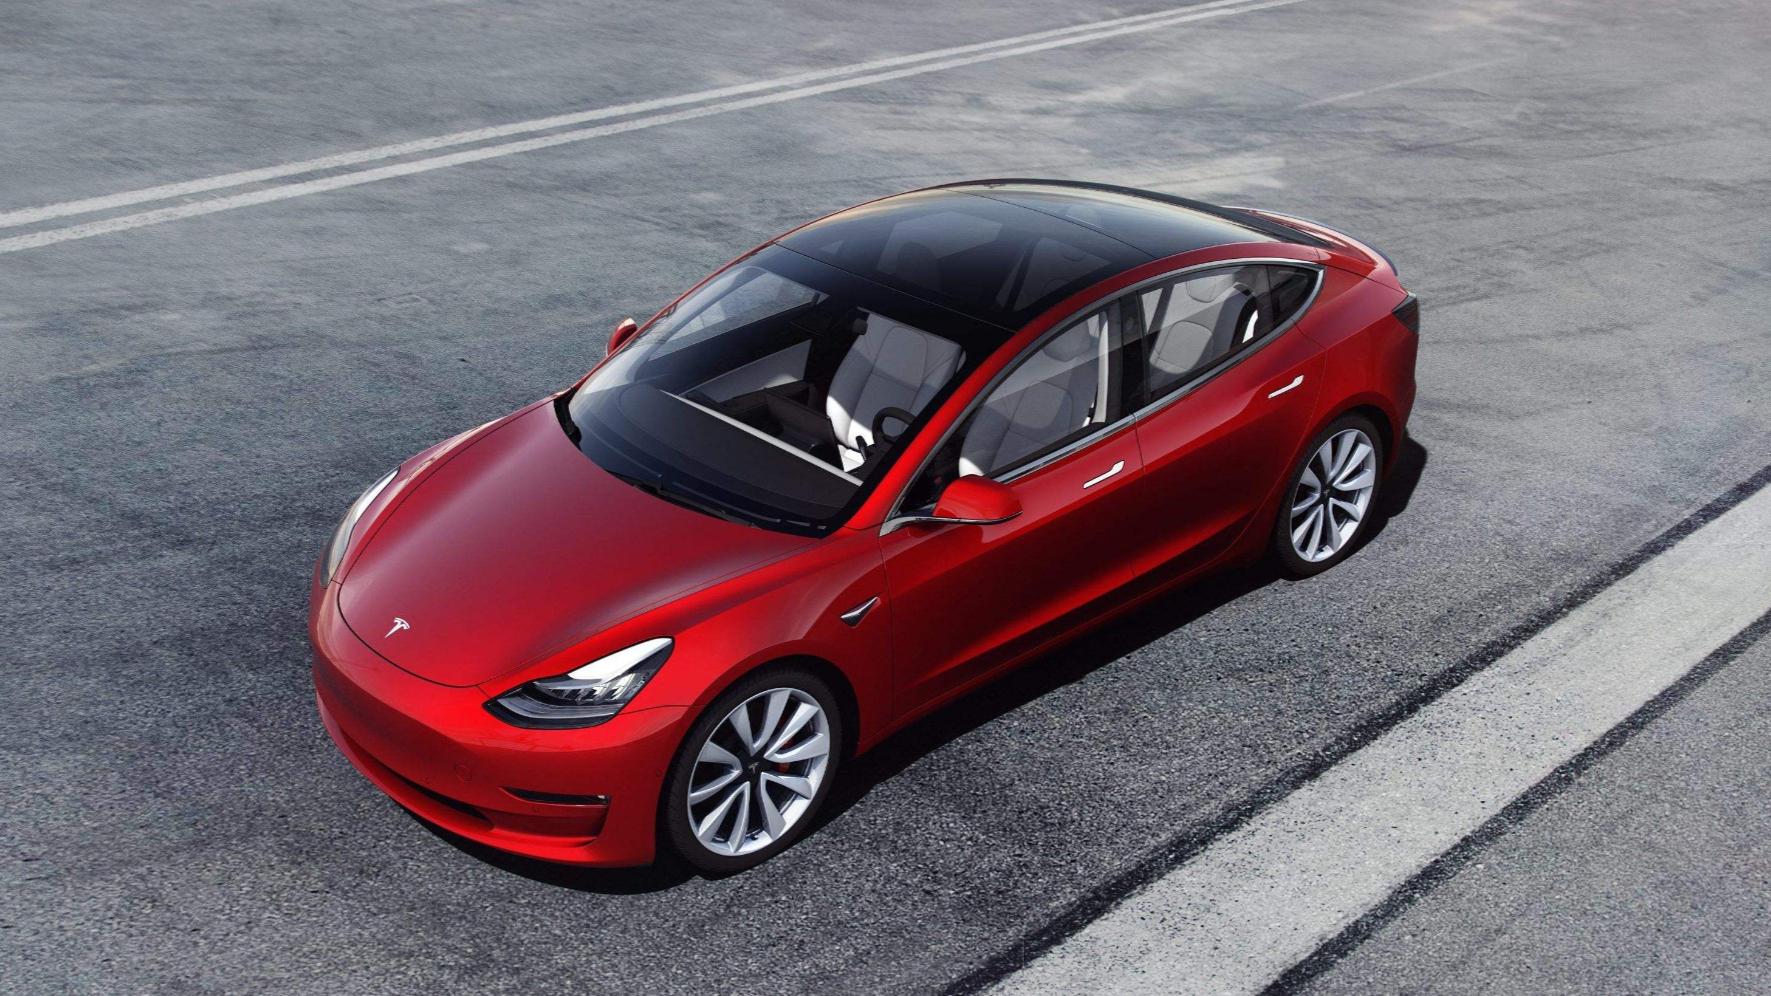 19.9万人民币的特斯拉Model 3,真的会有吗?